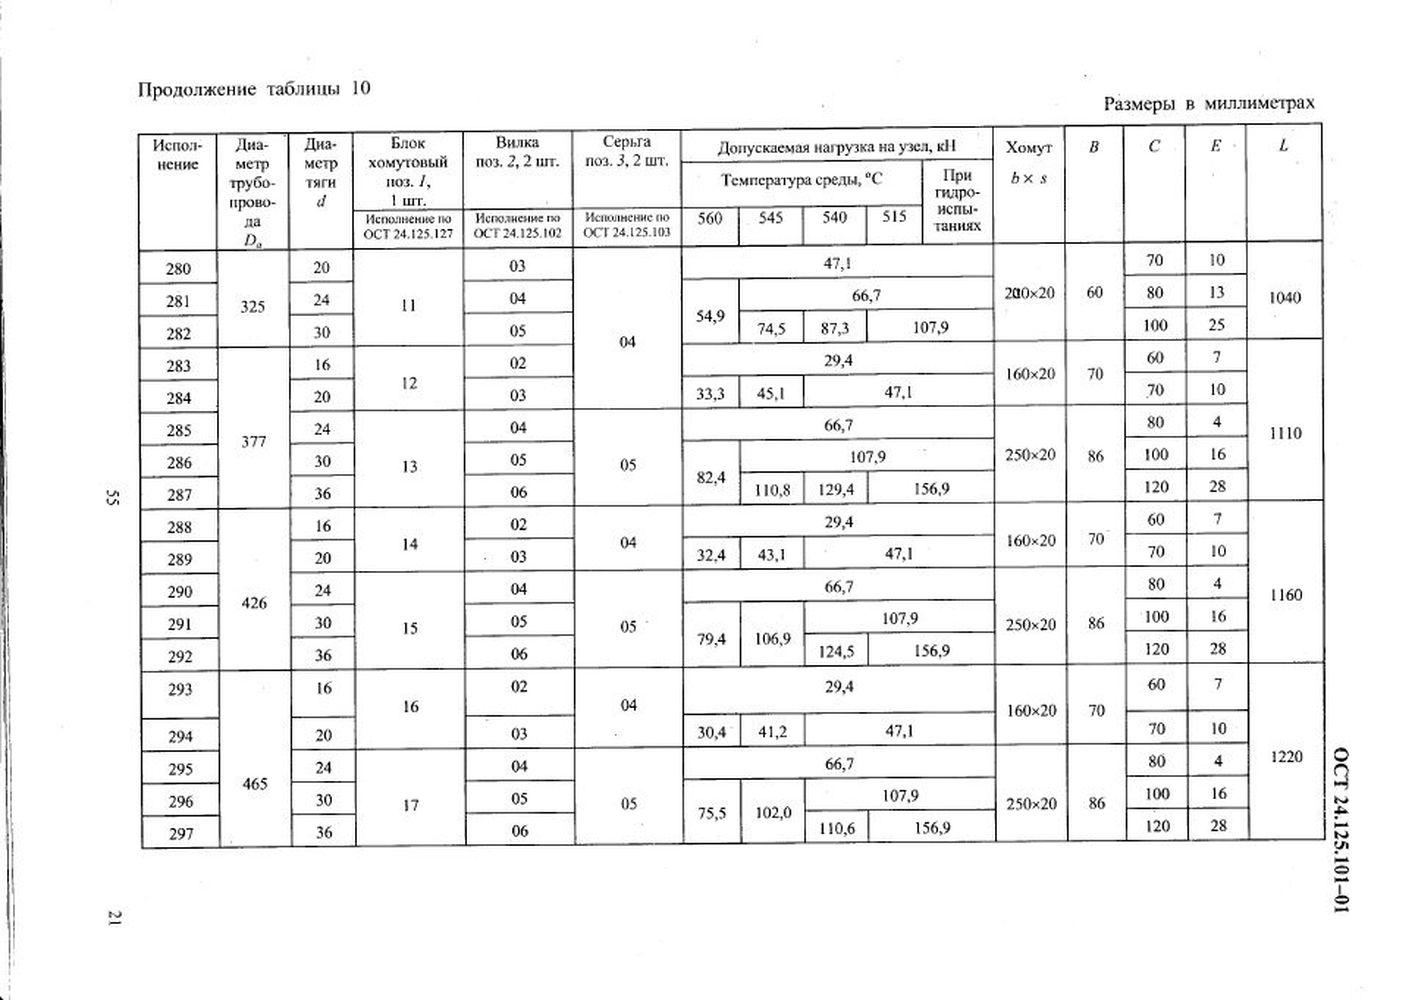 Узлы крепления ОСТ 24.125.101-01 стр.21